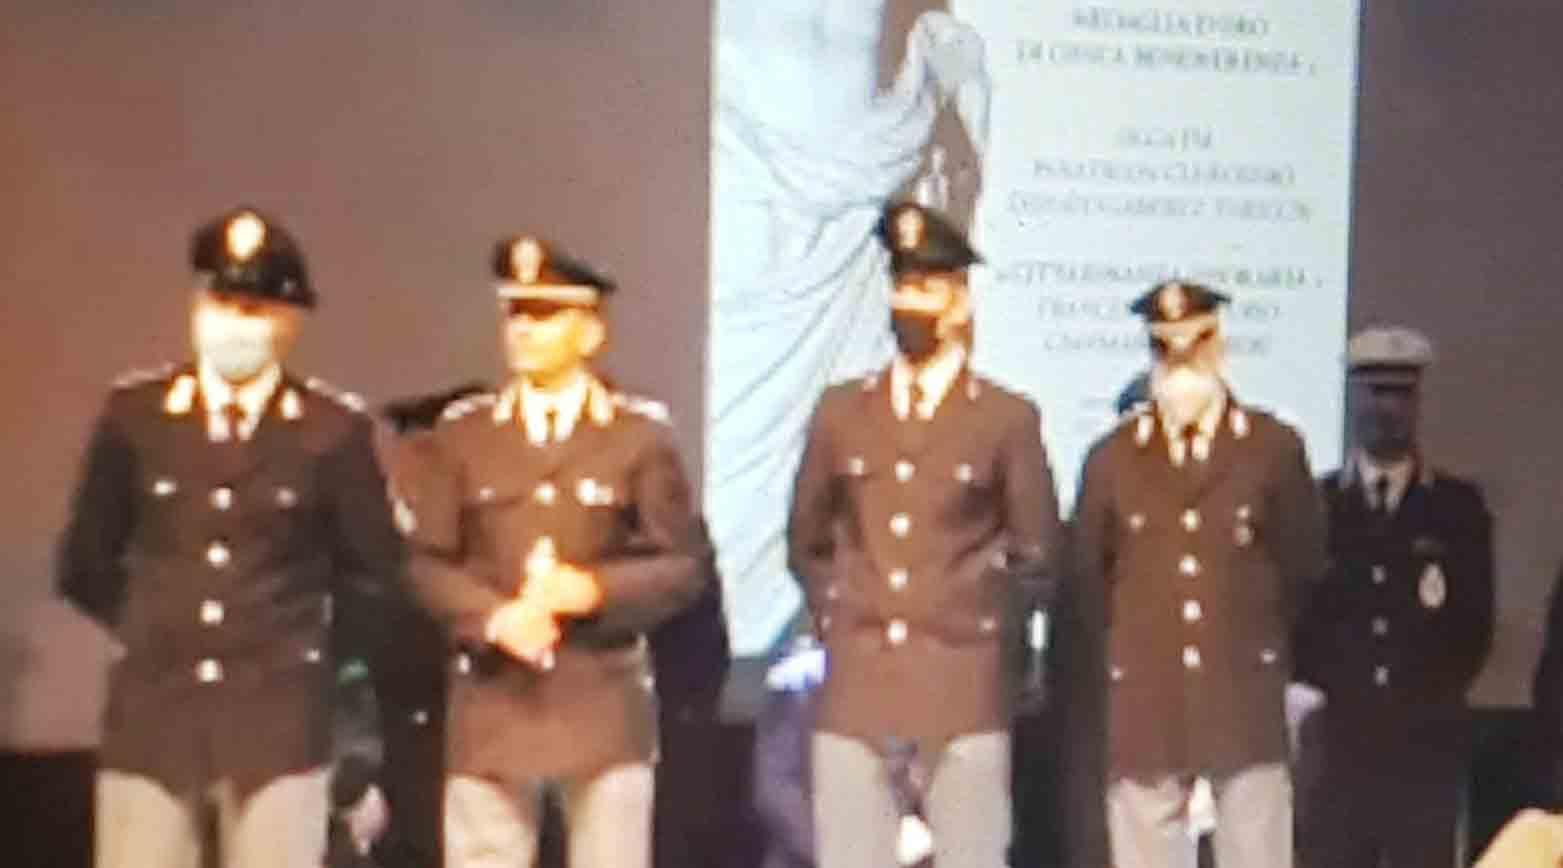 """LA MOTIVAZIONE DELL'ENCOMIO AI DUE POLIZIOTTI DIVENTA UN CASO BANALE EPISODIO RIVENDUTO """"REPENTAGLIO PROPRIA INCOLUMITÀ"""""""